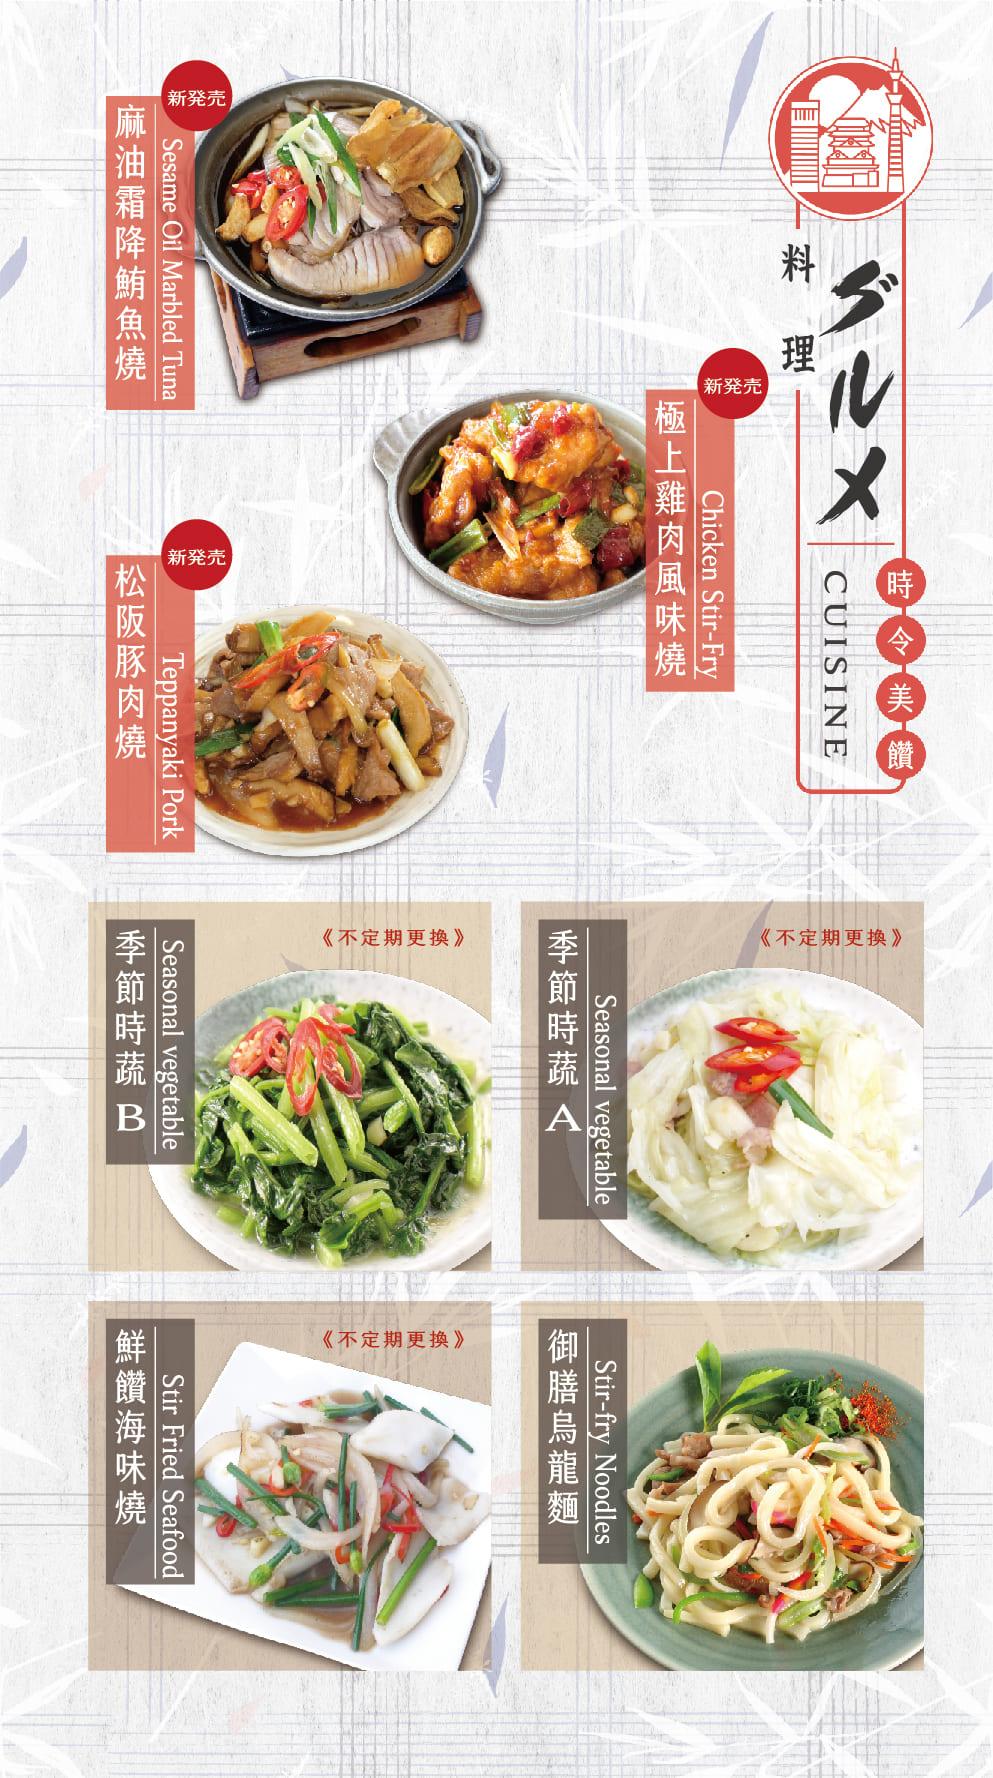 一品鮮魚煲、季節時蔬A、韓式泡菜豚肉燒、季節時蔬B(不定期更換)、極上雞肉風味燒(不定期更換)、鮮鑽海味燒(不定期更換)、御膳烏龍麵